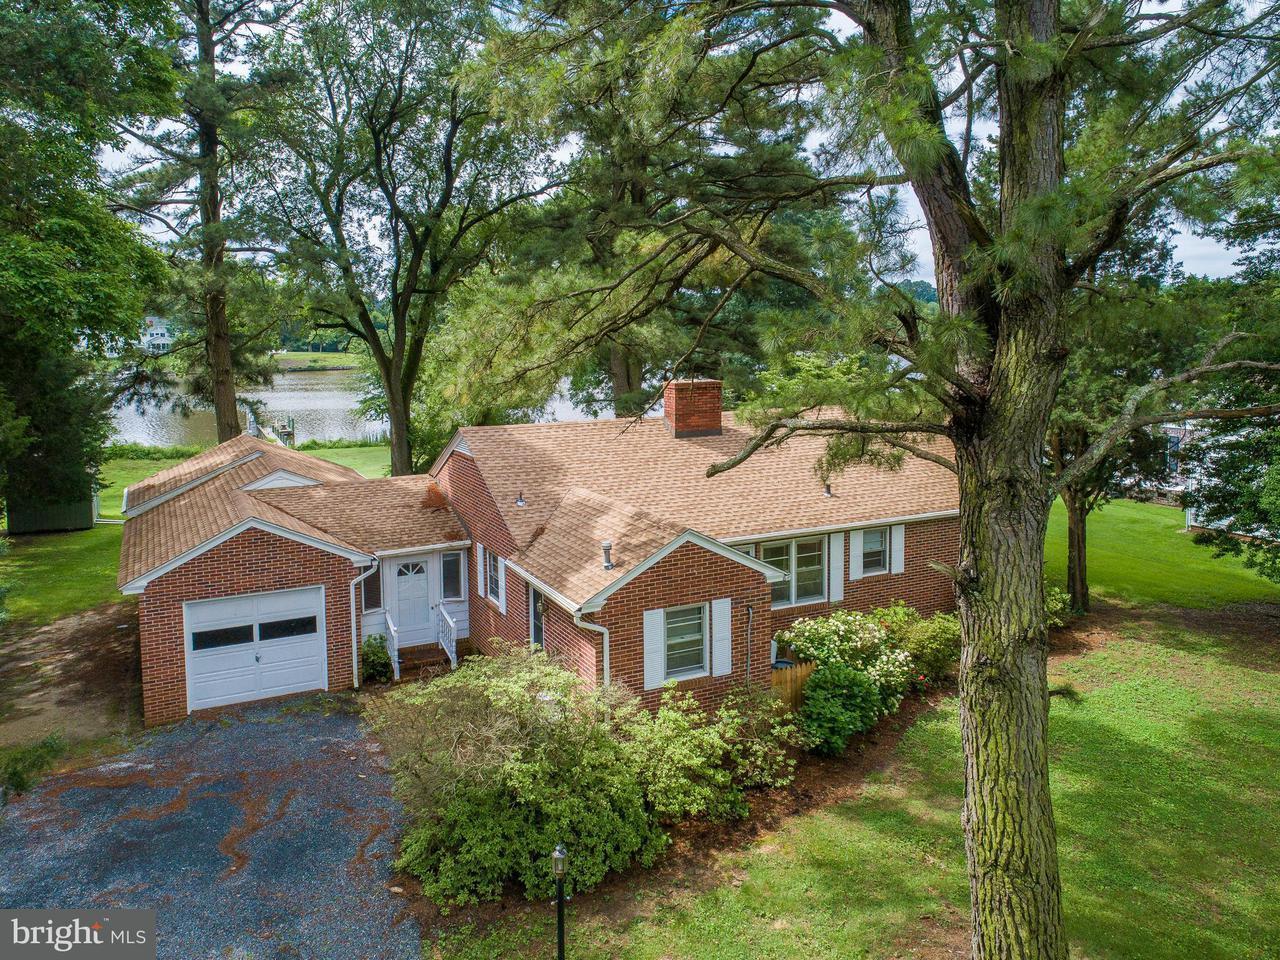 一戸建て のために 売買 アット 8997 GLEBE CREEK Road 8997 GLEBE CREEK Road Easton, メリーランド 21601 アメリカ合衆国